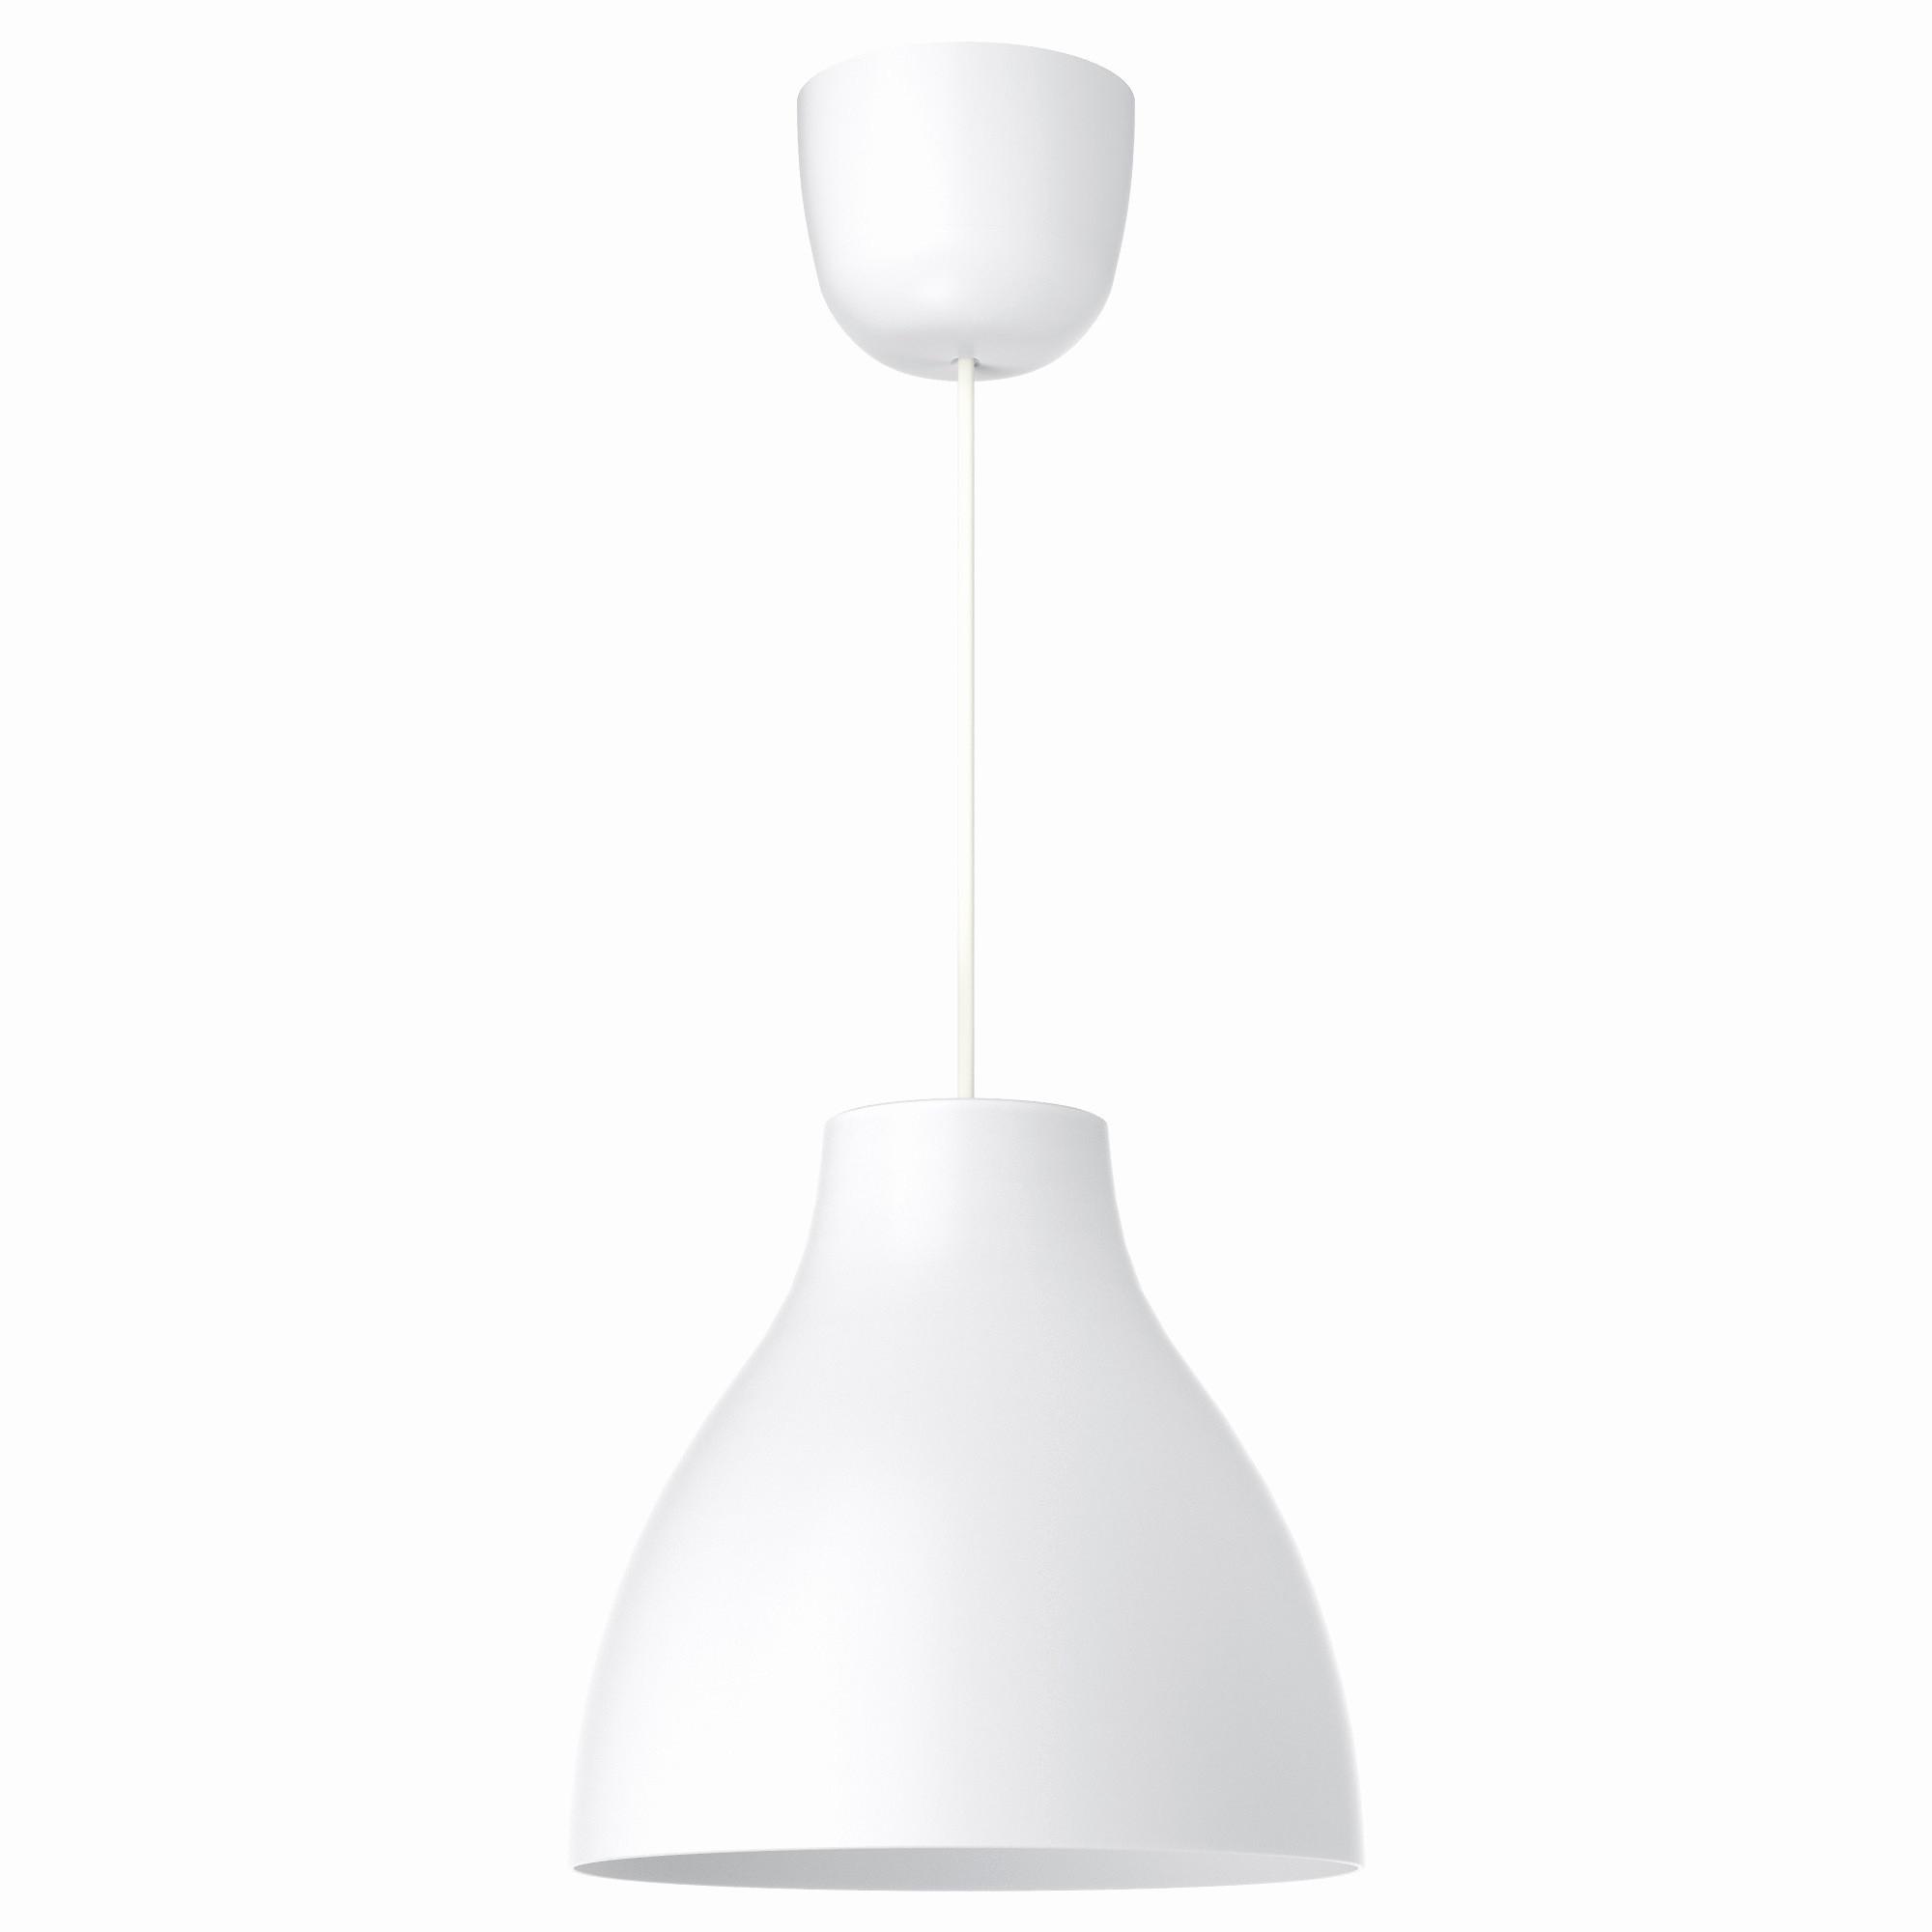 Applique Salle De Bain Ikea Beau Image Le Plus Applique Exterieur Ikea Idée – Sullivanmaxx